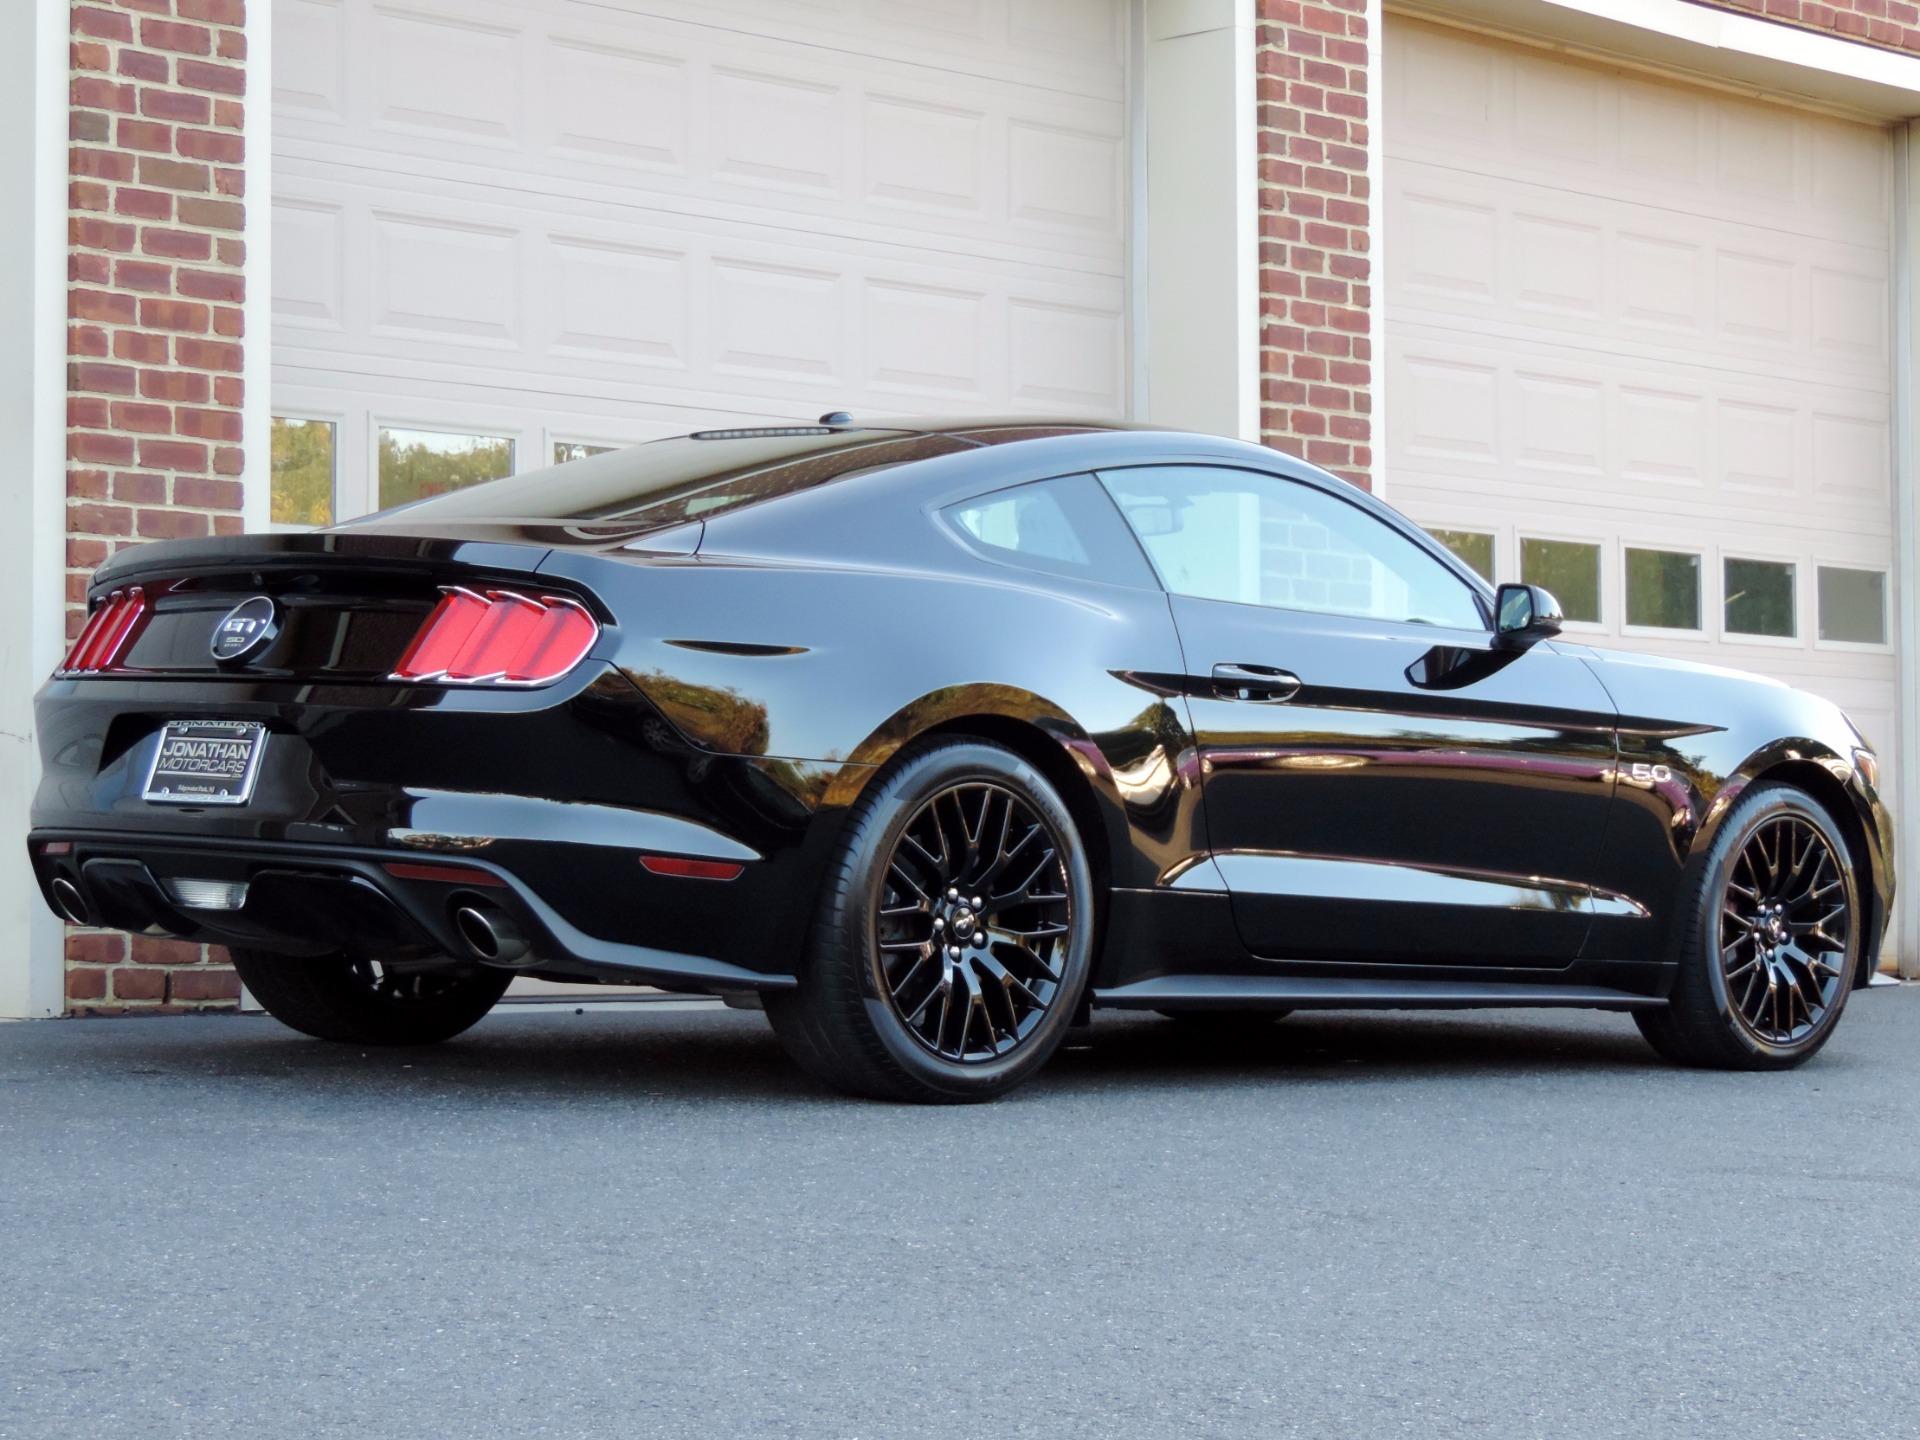 Ford Dealers Nj >> 2015 Ford Mustang GT Premium Stock # 304487 for sale near Edgewater Park, NJ   NJ Ford Dealer